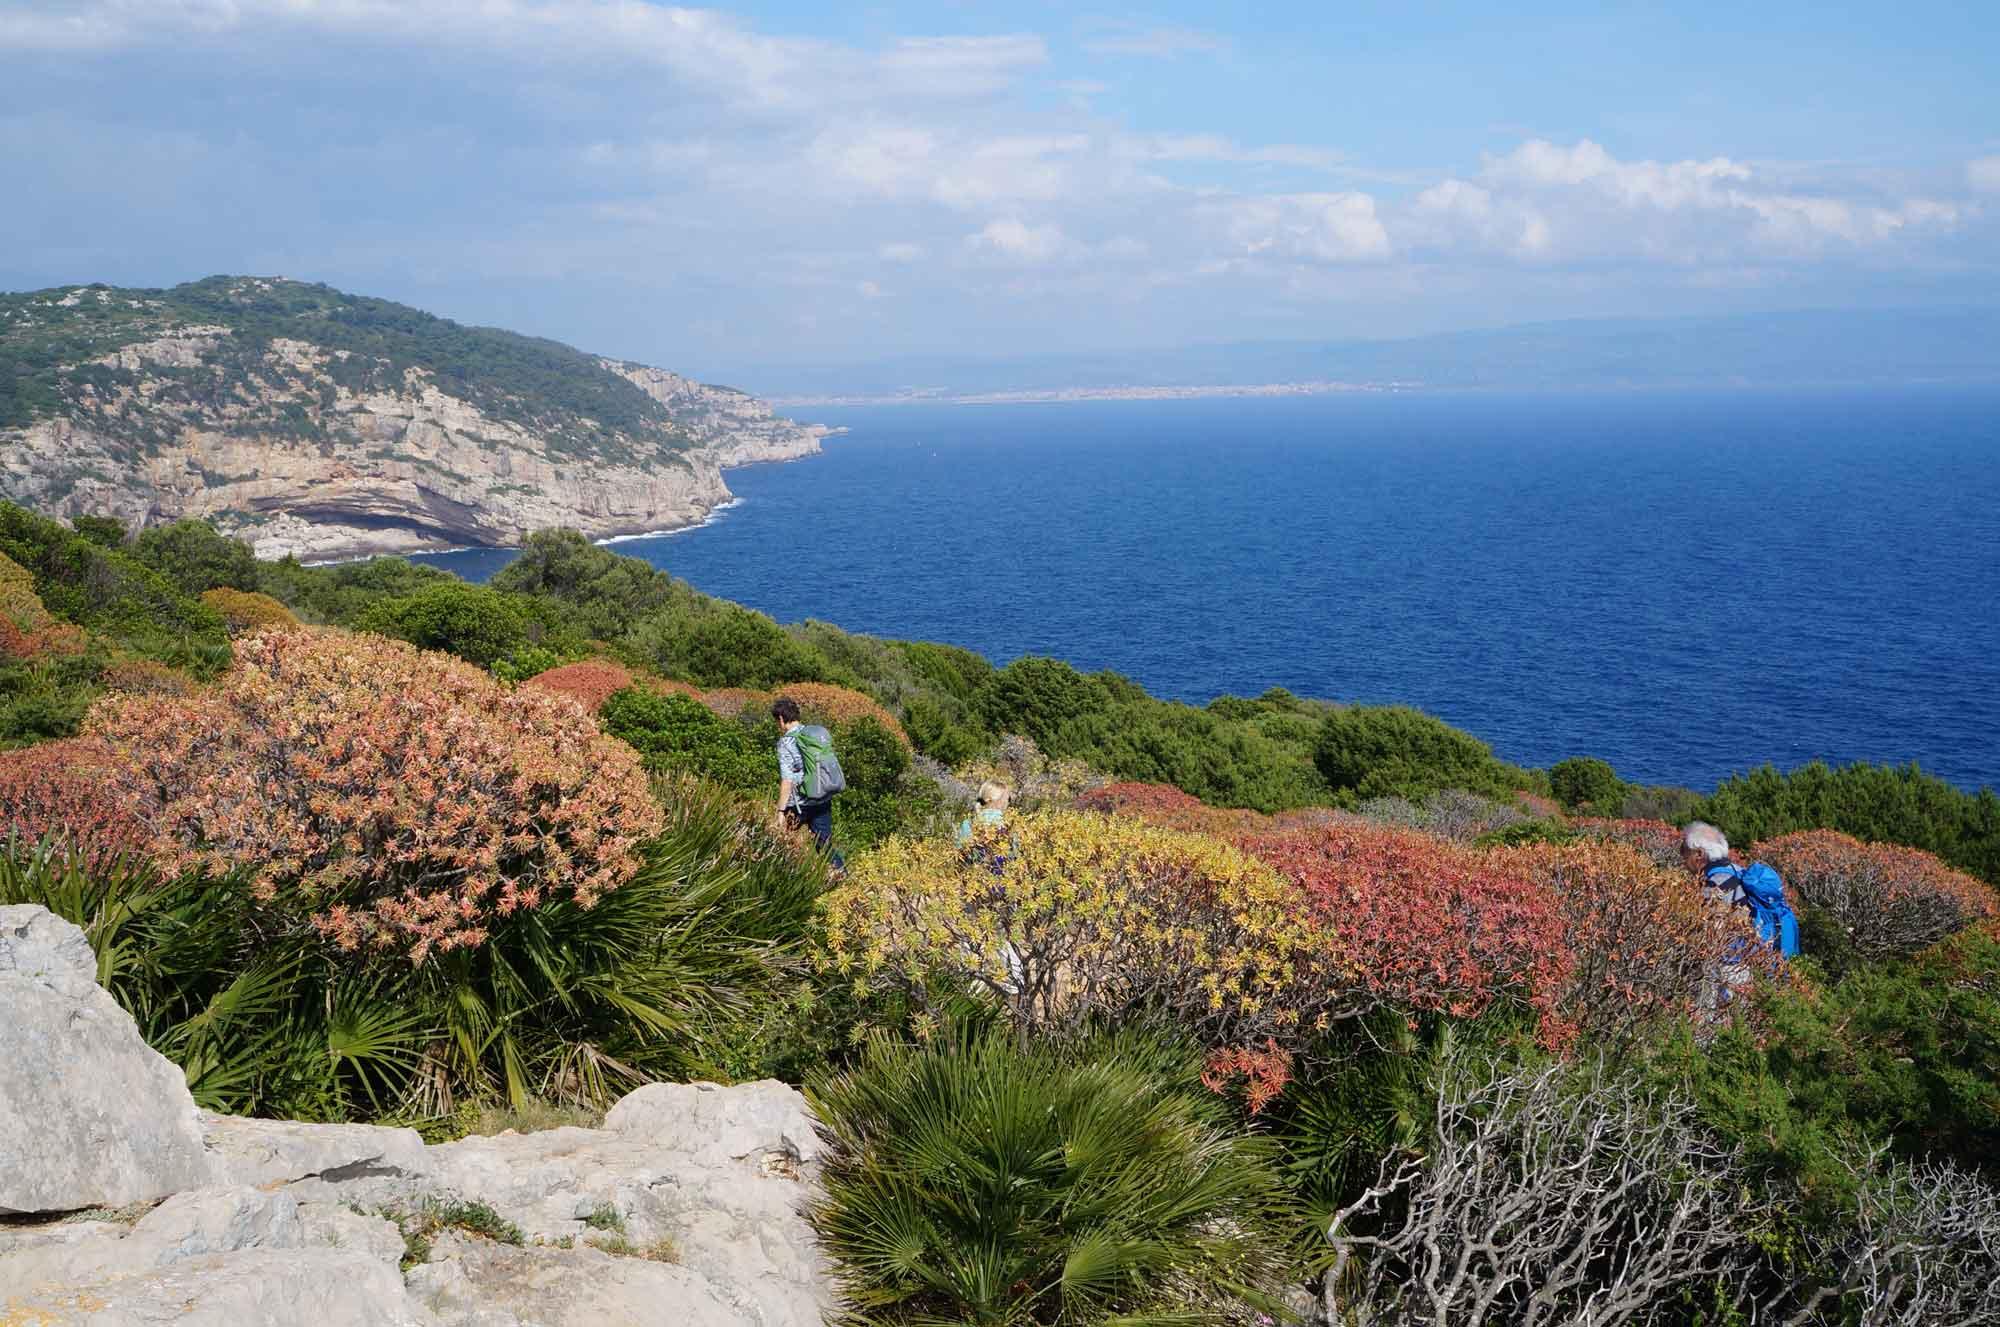 Wanderung zur Punta del Giglio © Heideker Reisen